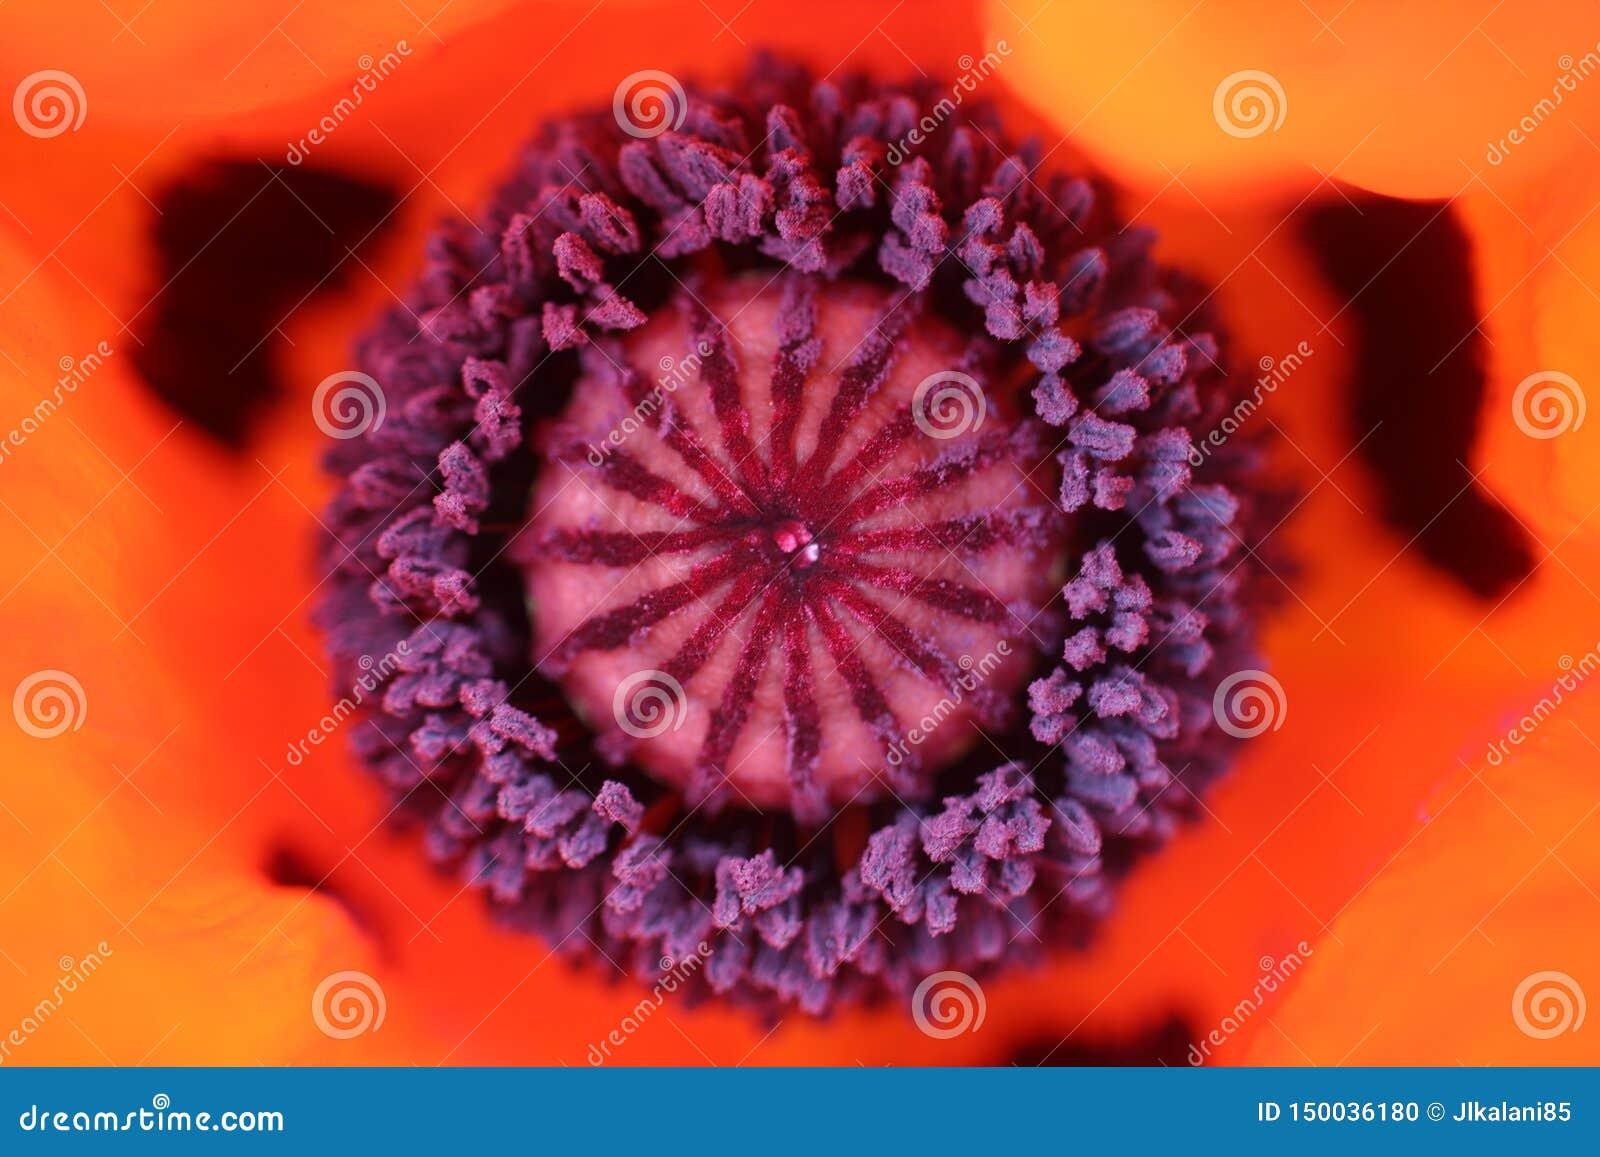 Nahaufnahme der Mitte einer roten Mohnblume